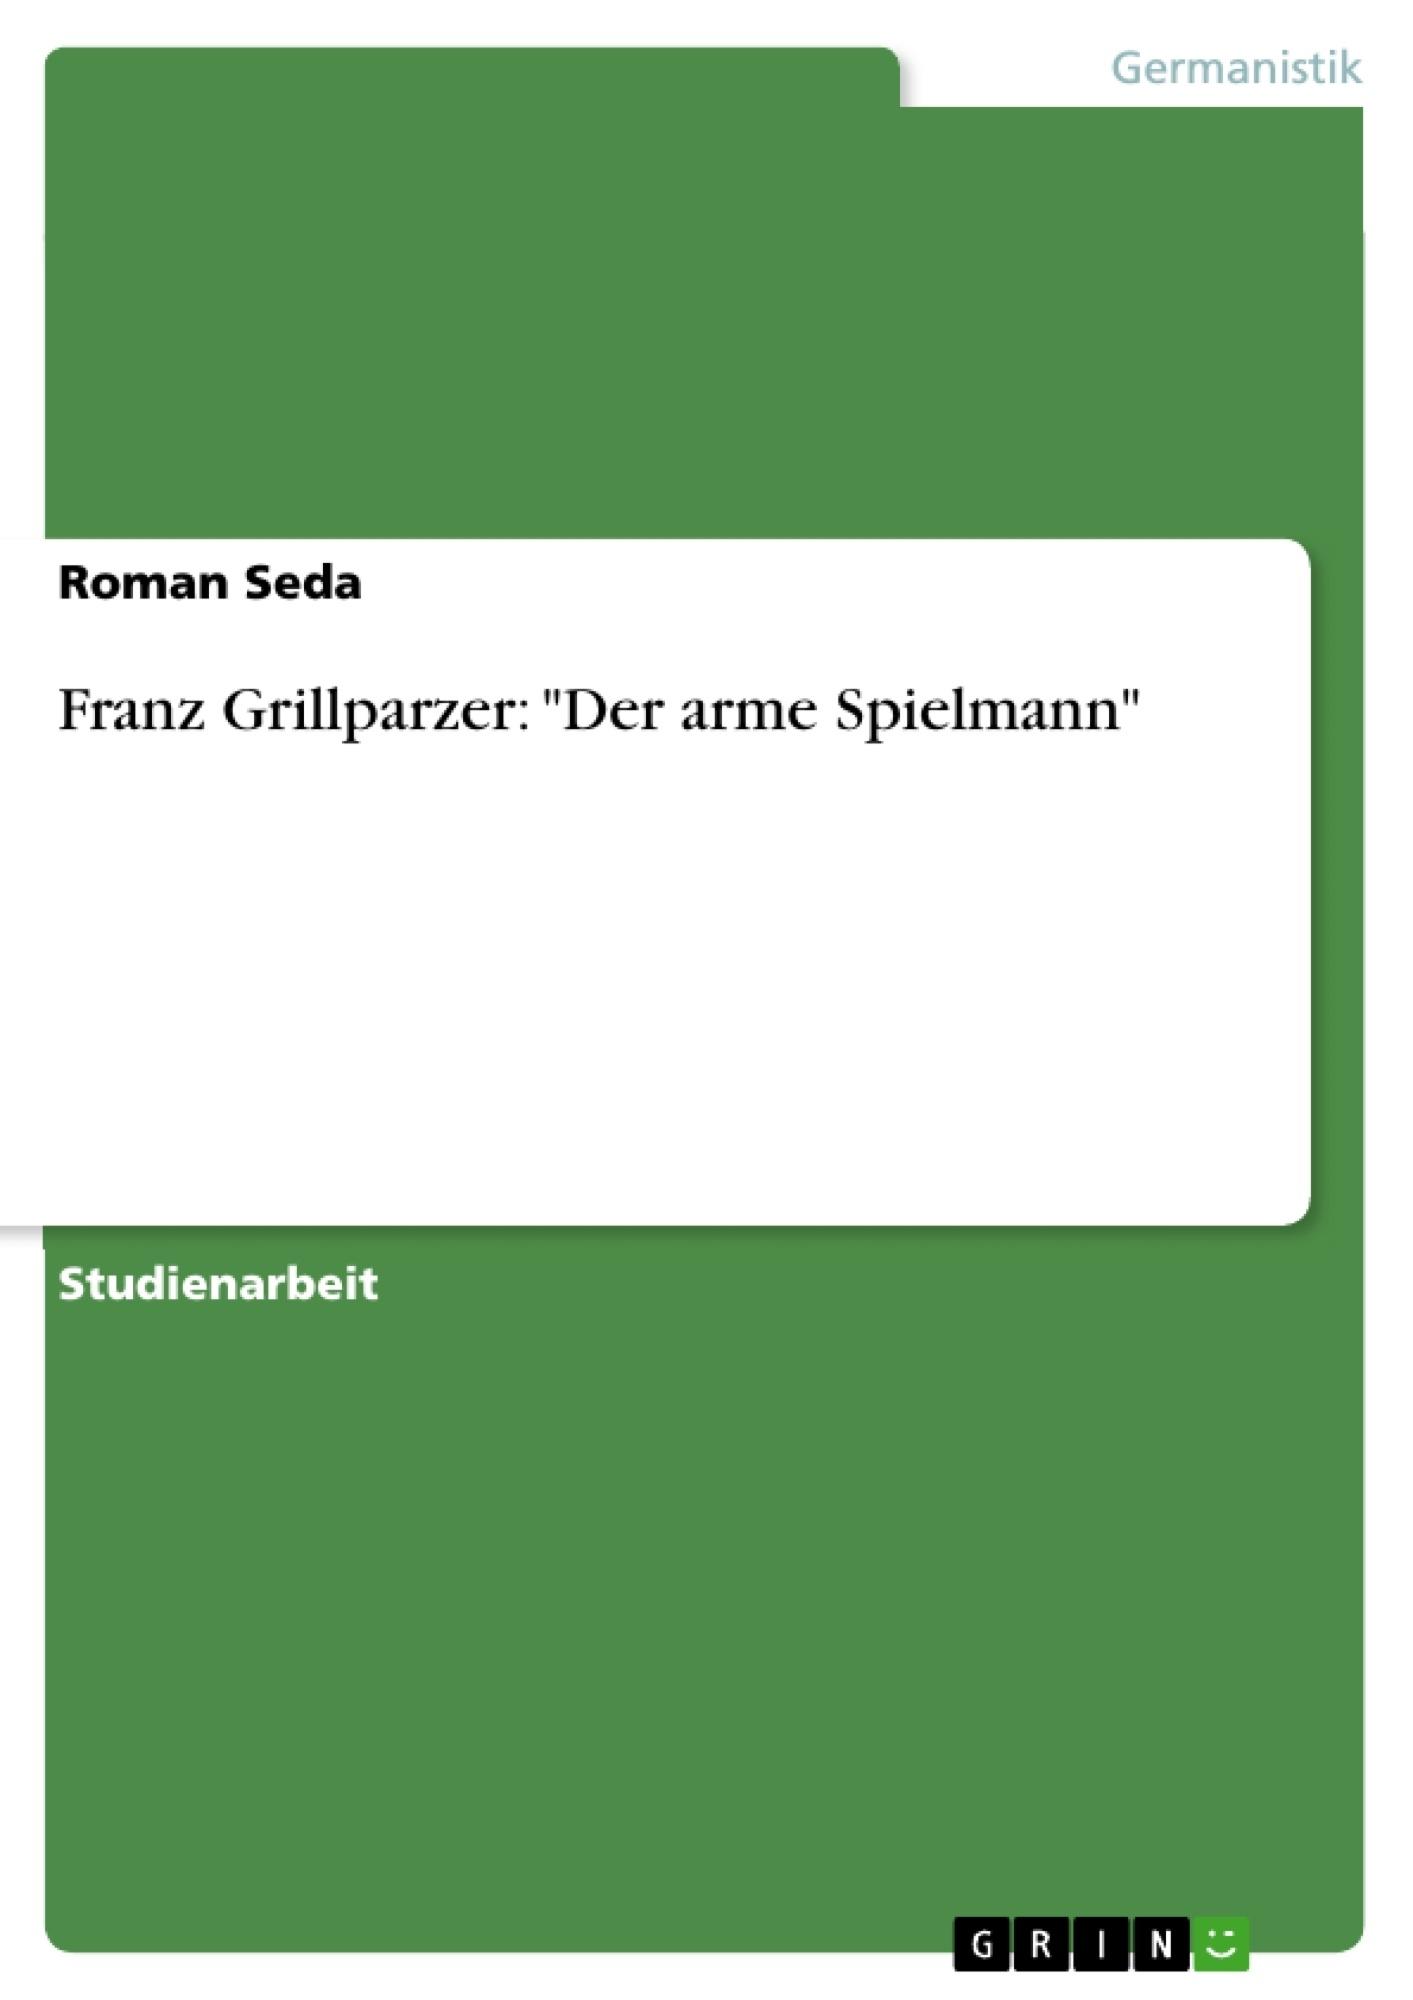 Franz Grillparzer der arme spielmann charakterisierung